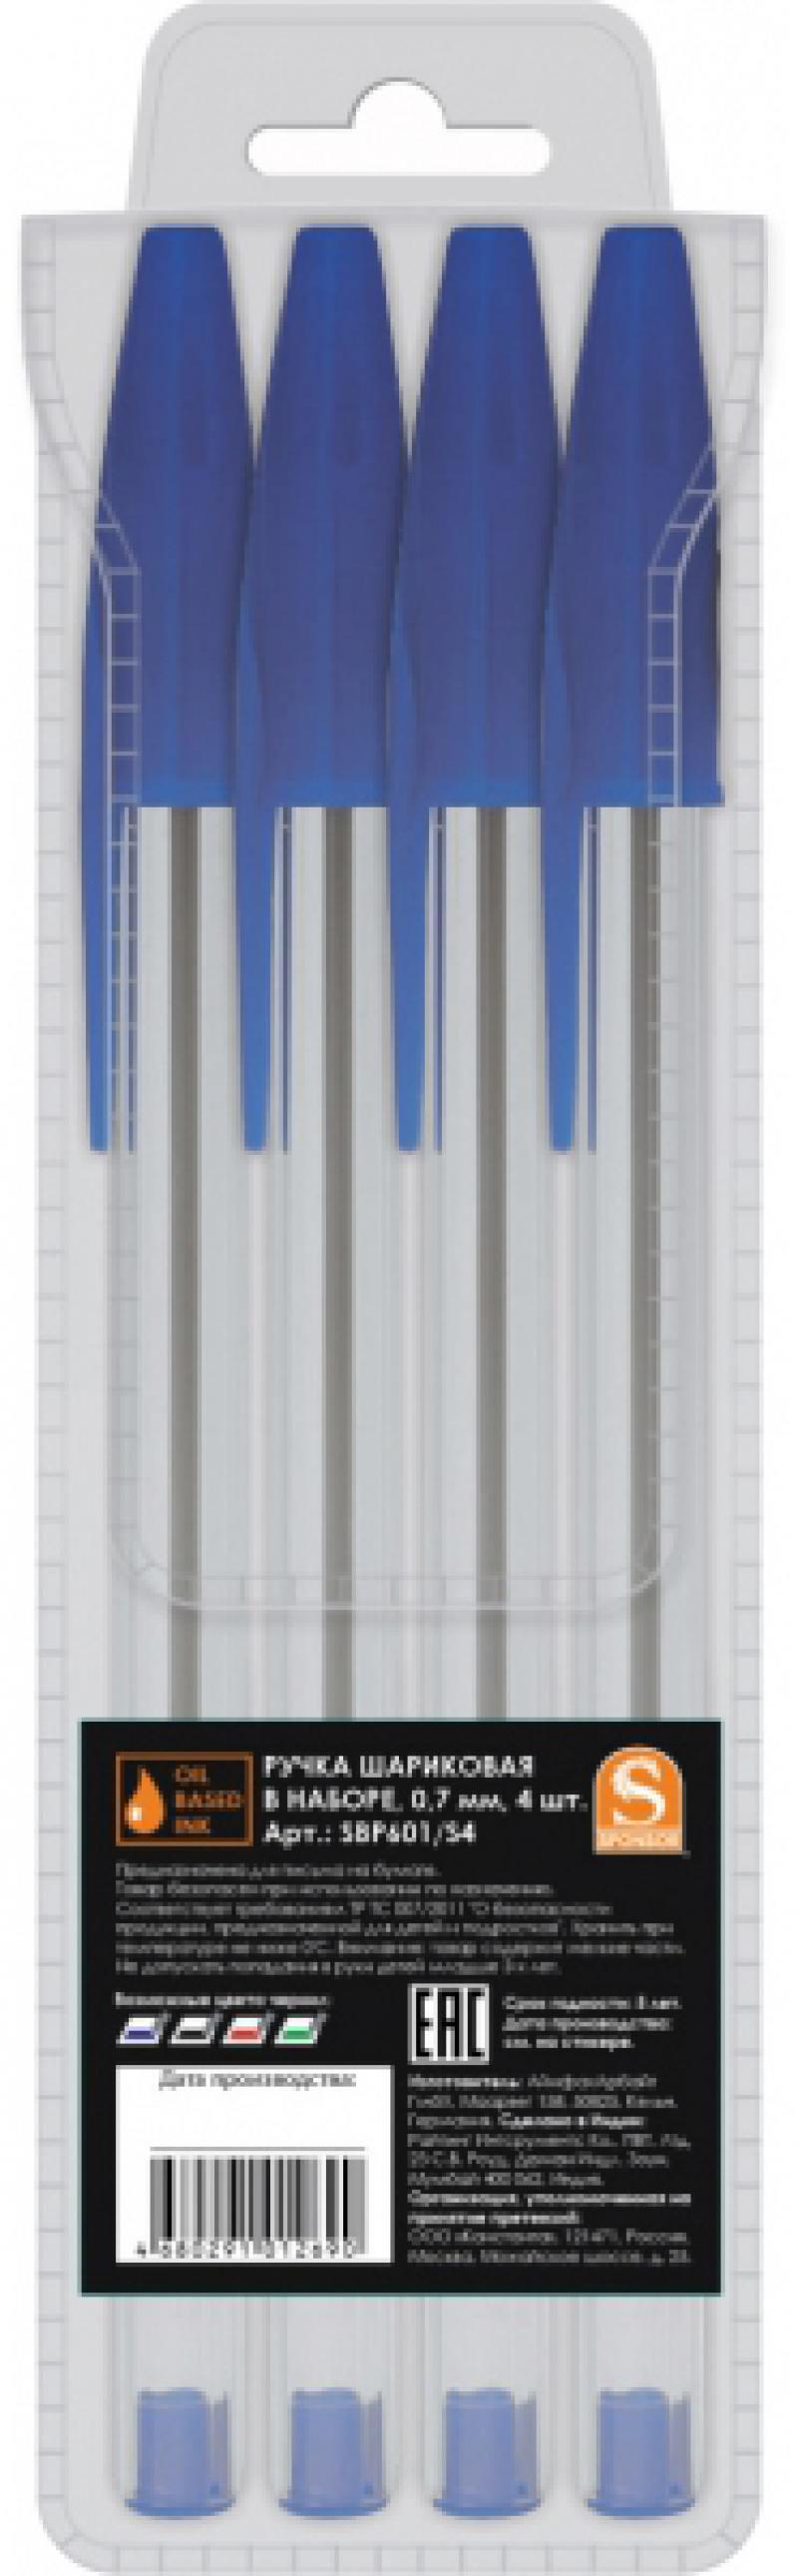 Набор шариковых ручек SPONSOR SBP601S4-1 4 шт синий 07 мм SBP601S4-1